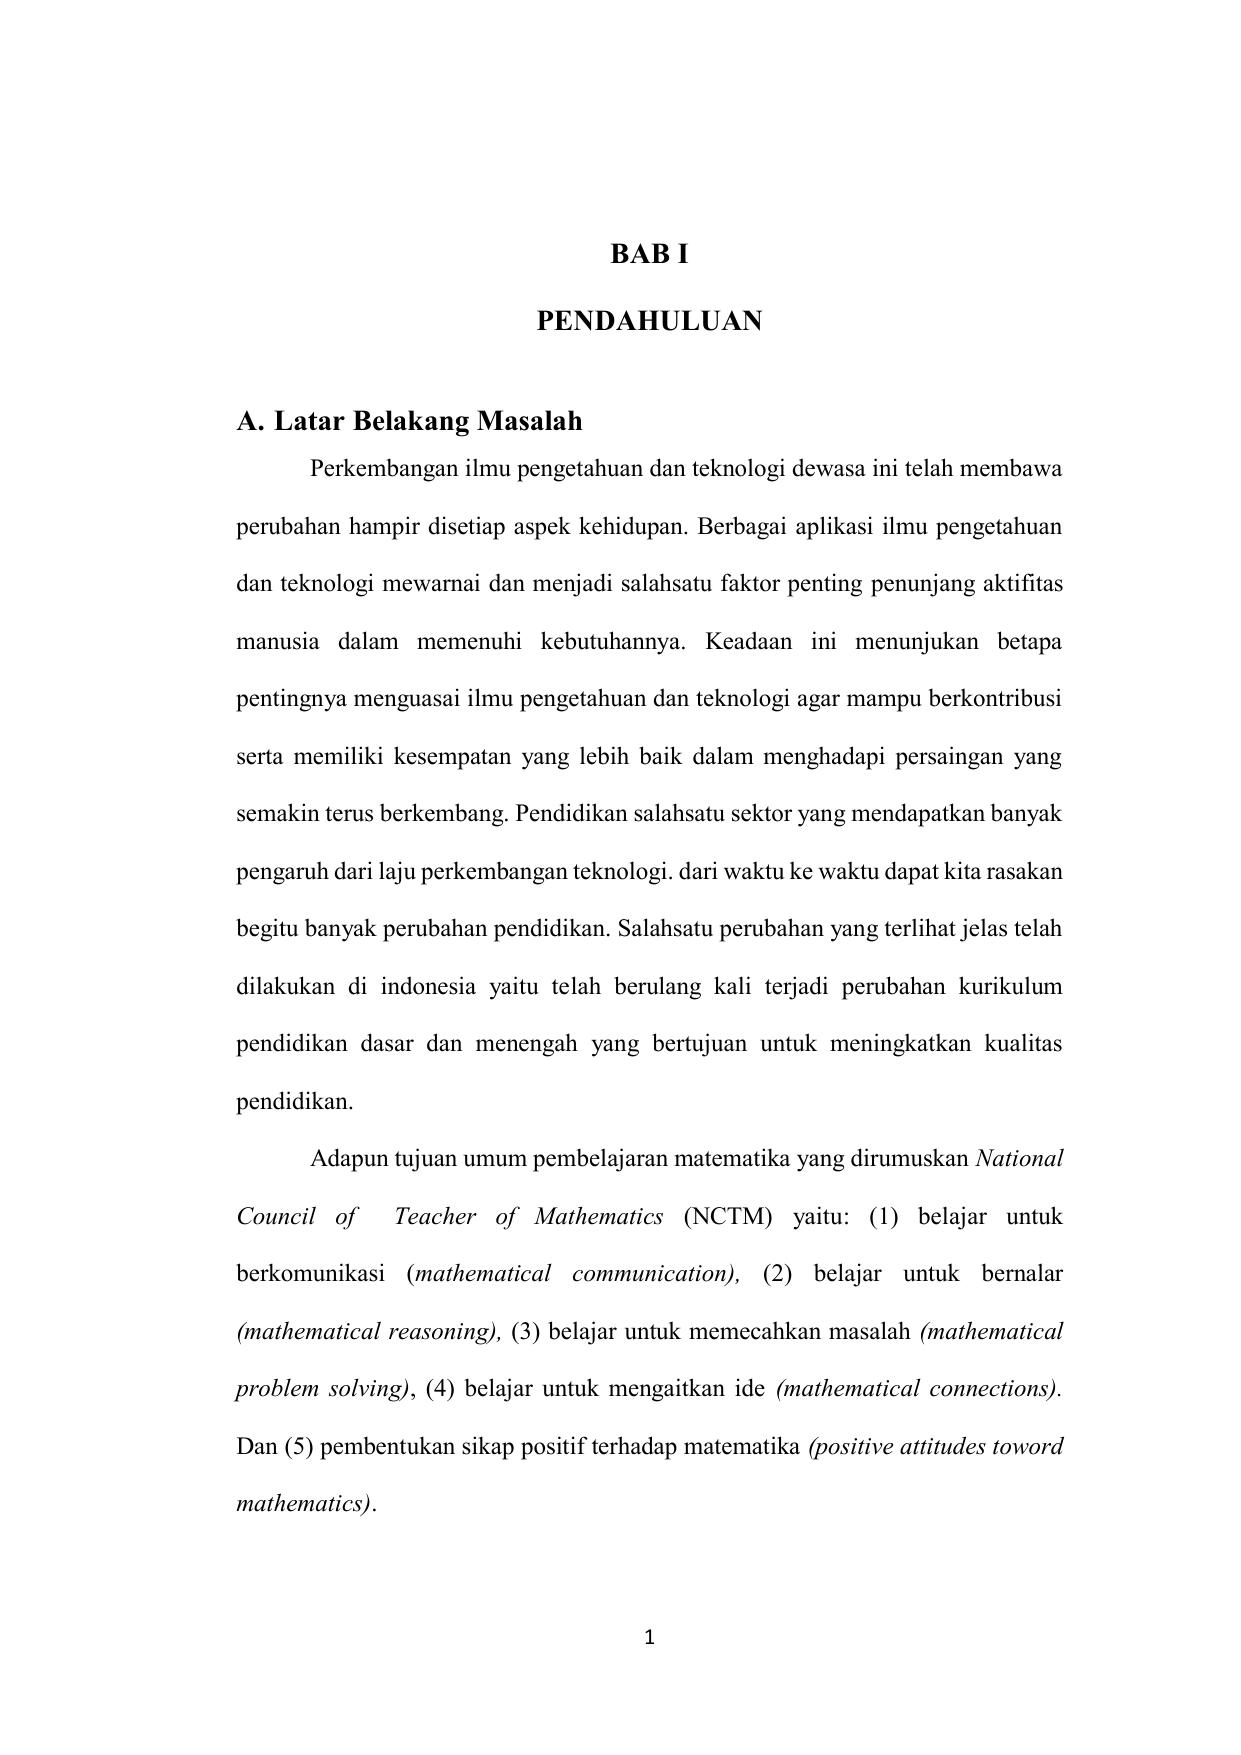 Bab 1 Pendahuluan Skripsi Pendidikan Matematika Ide Judul Skripsi Universitas